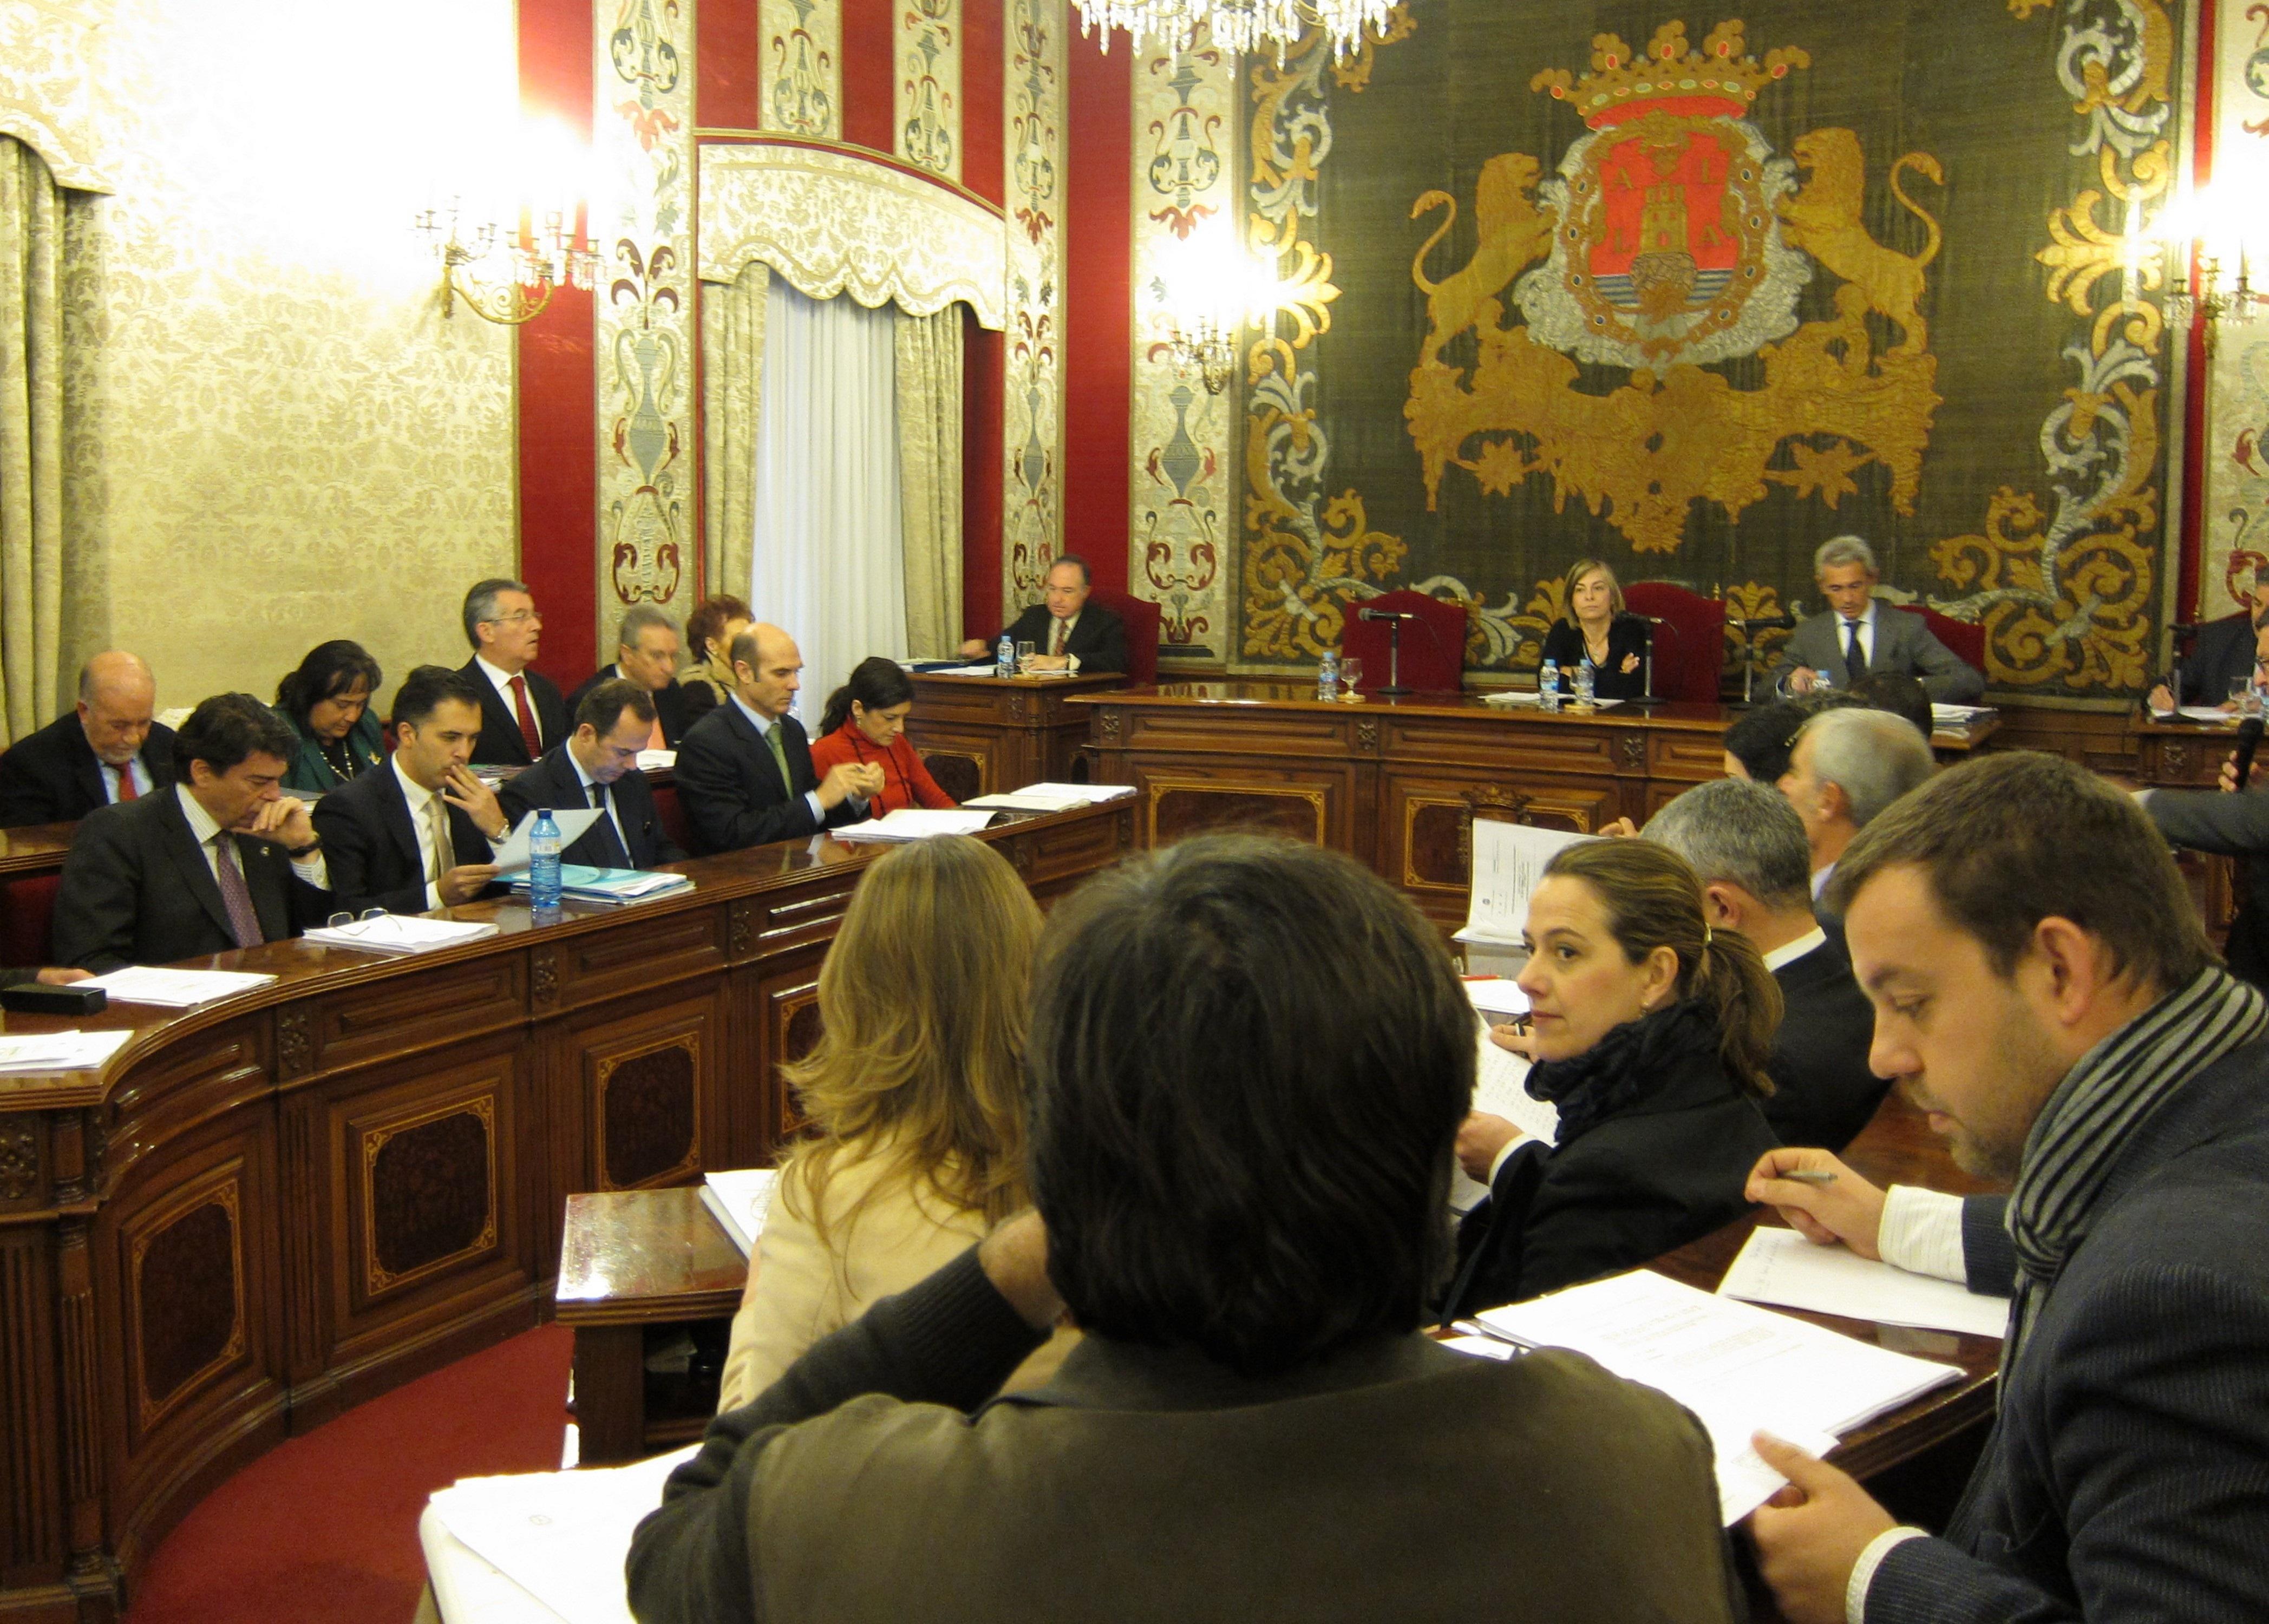 El PP aprueba definitivamente los presupuestos municipales de 2013 con la oposición de PSOE, EU y UPyD